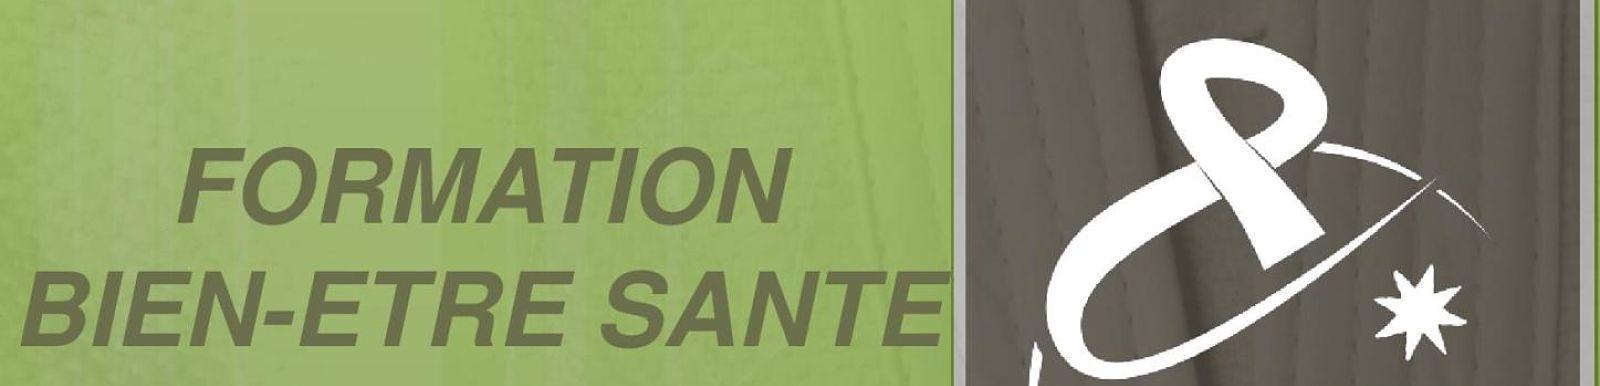 Affiche-dfinitive-Bien-tre-Sant-page-001_opt